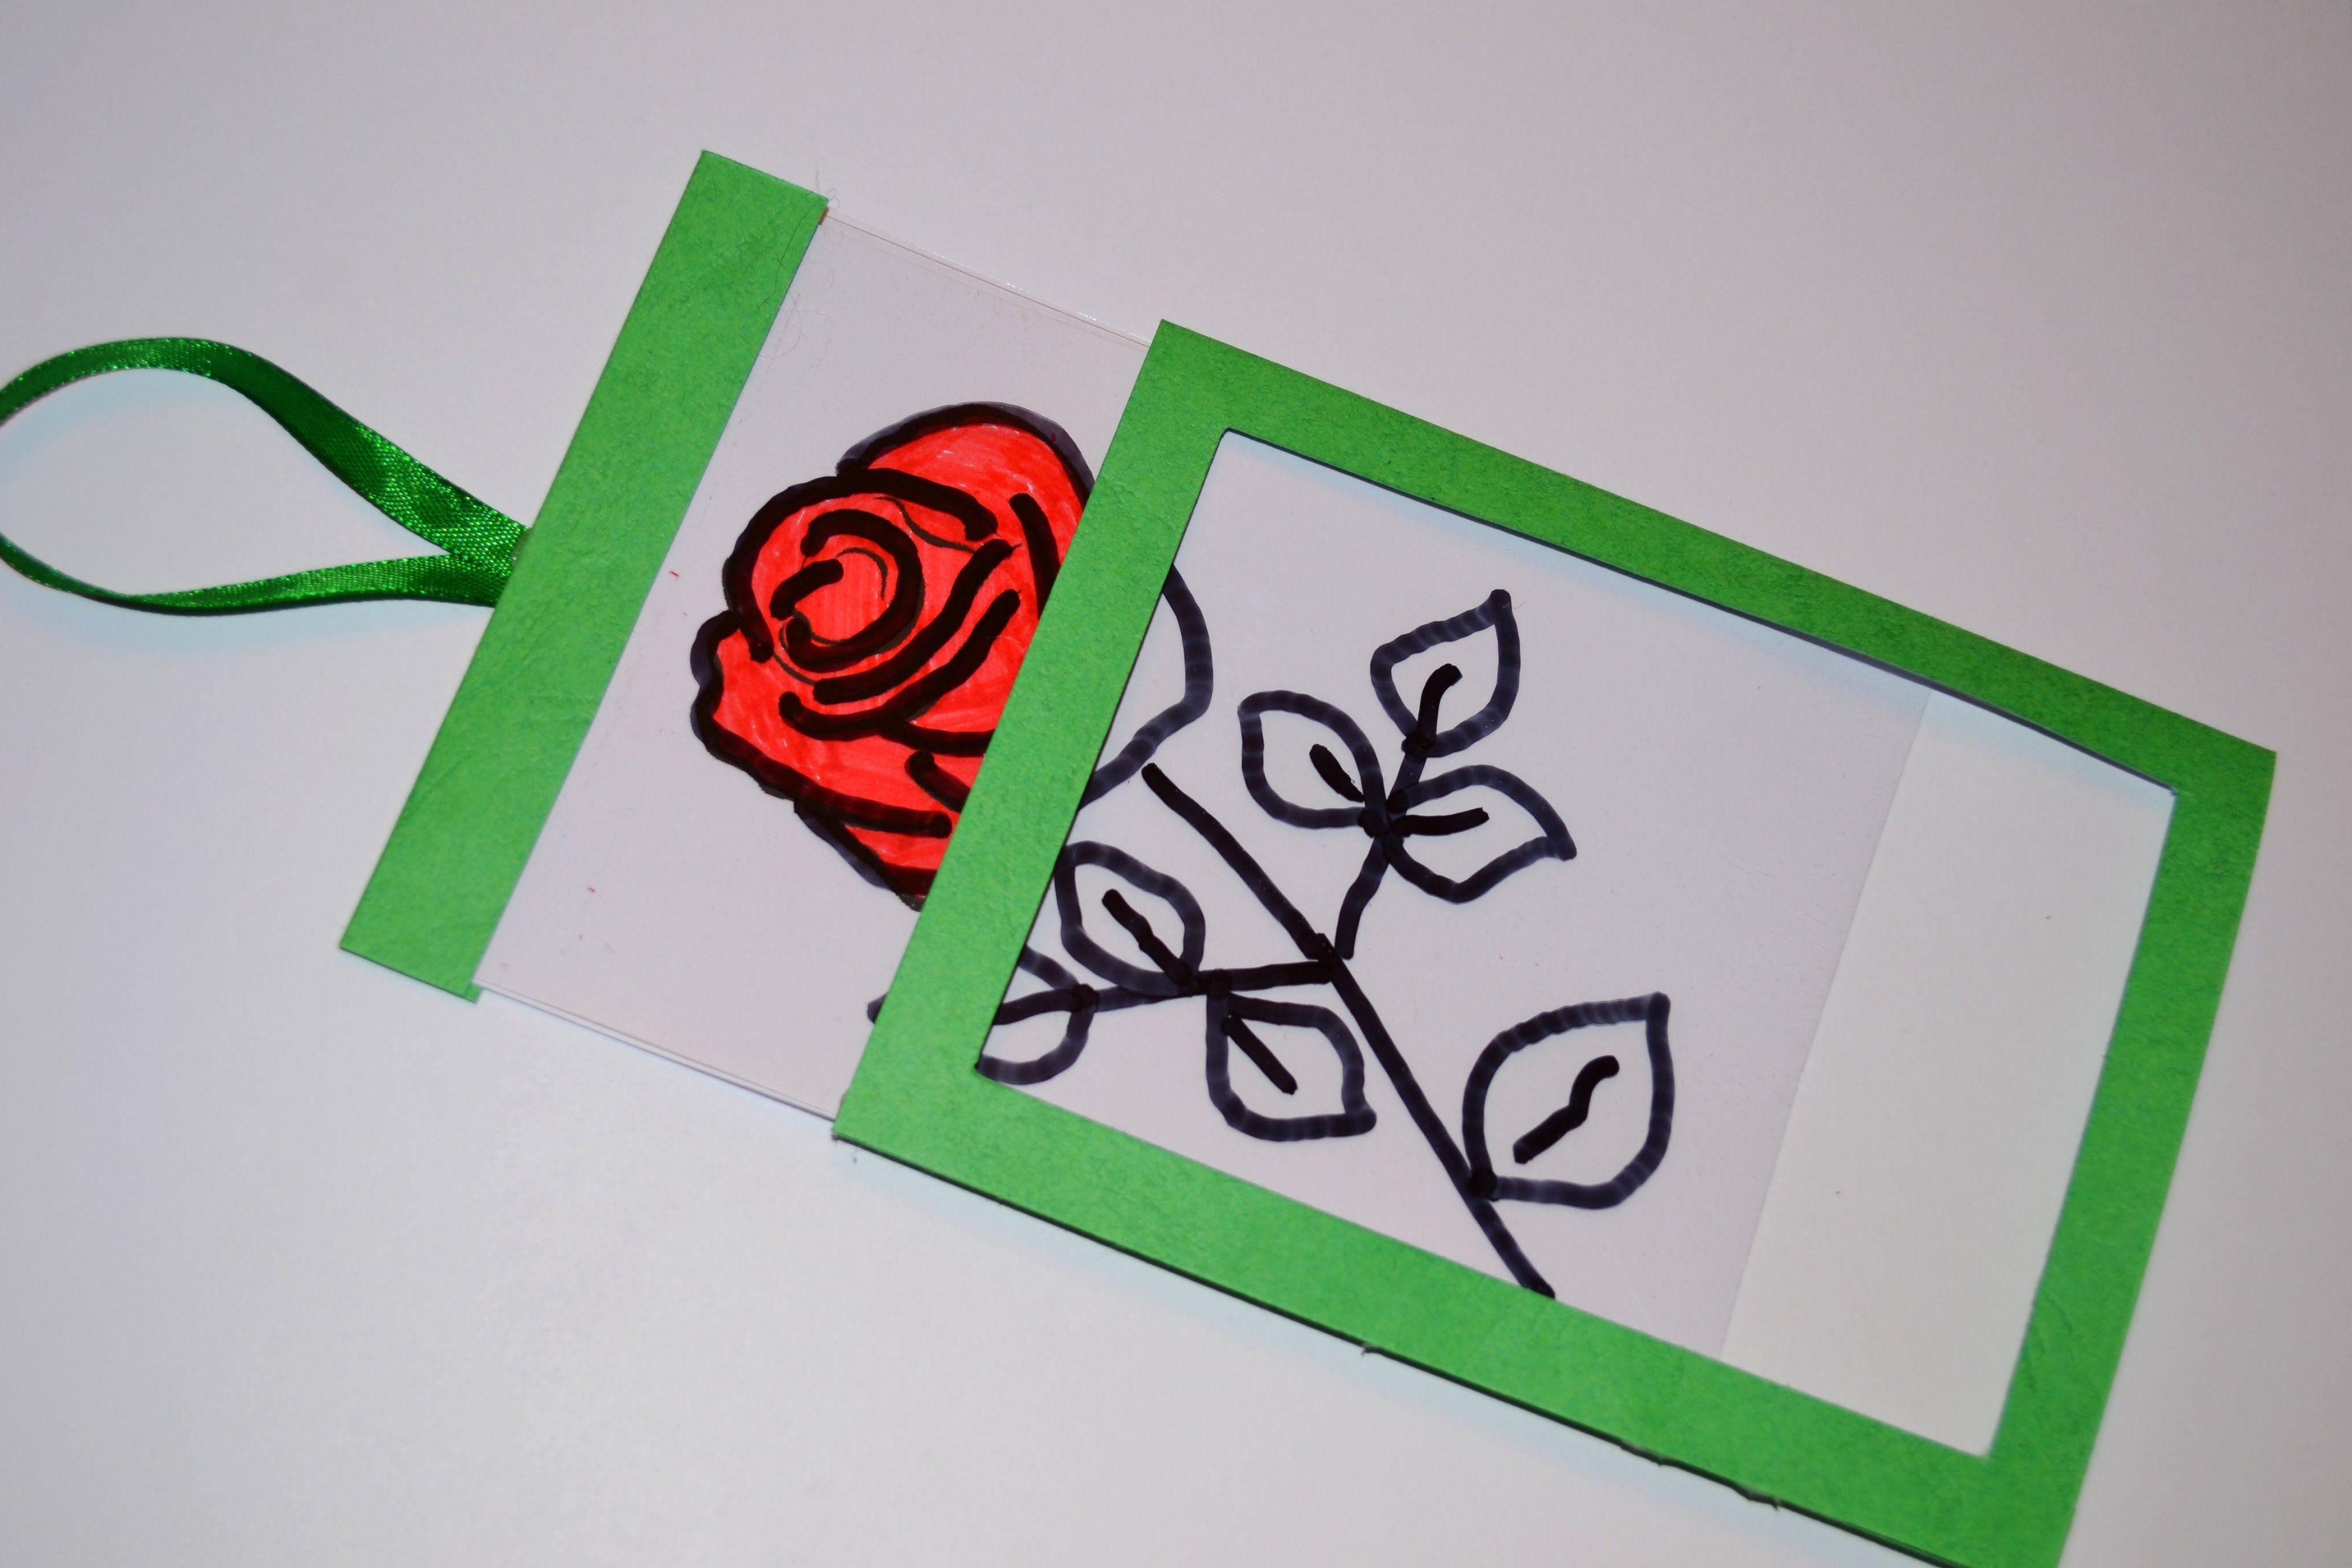 Поздравления бракосочетания, открытки своими руками на день рождения из бумаги а4